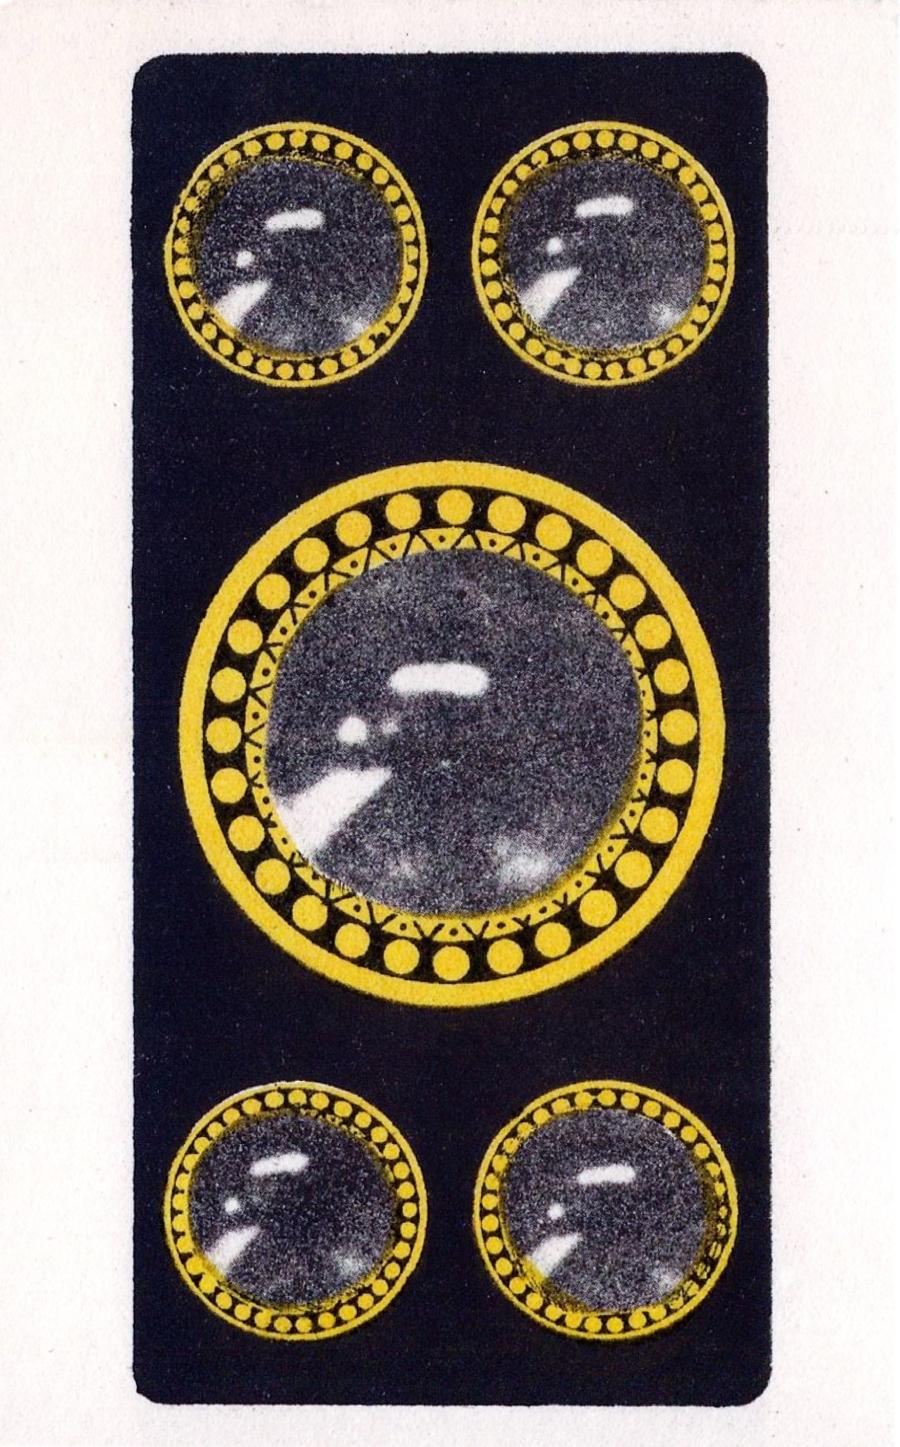 carta realizzata da Harloff per intermezzo pagine